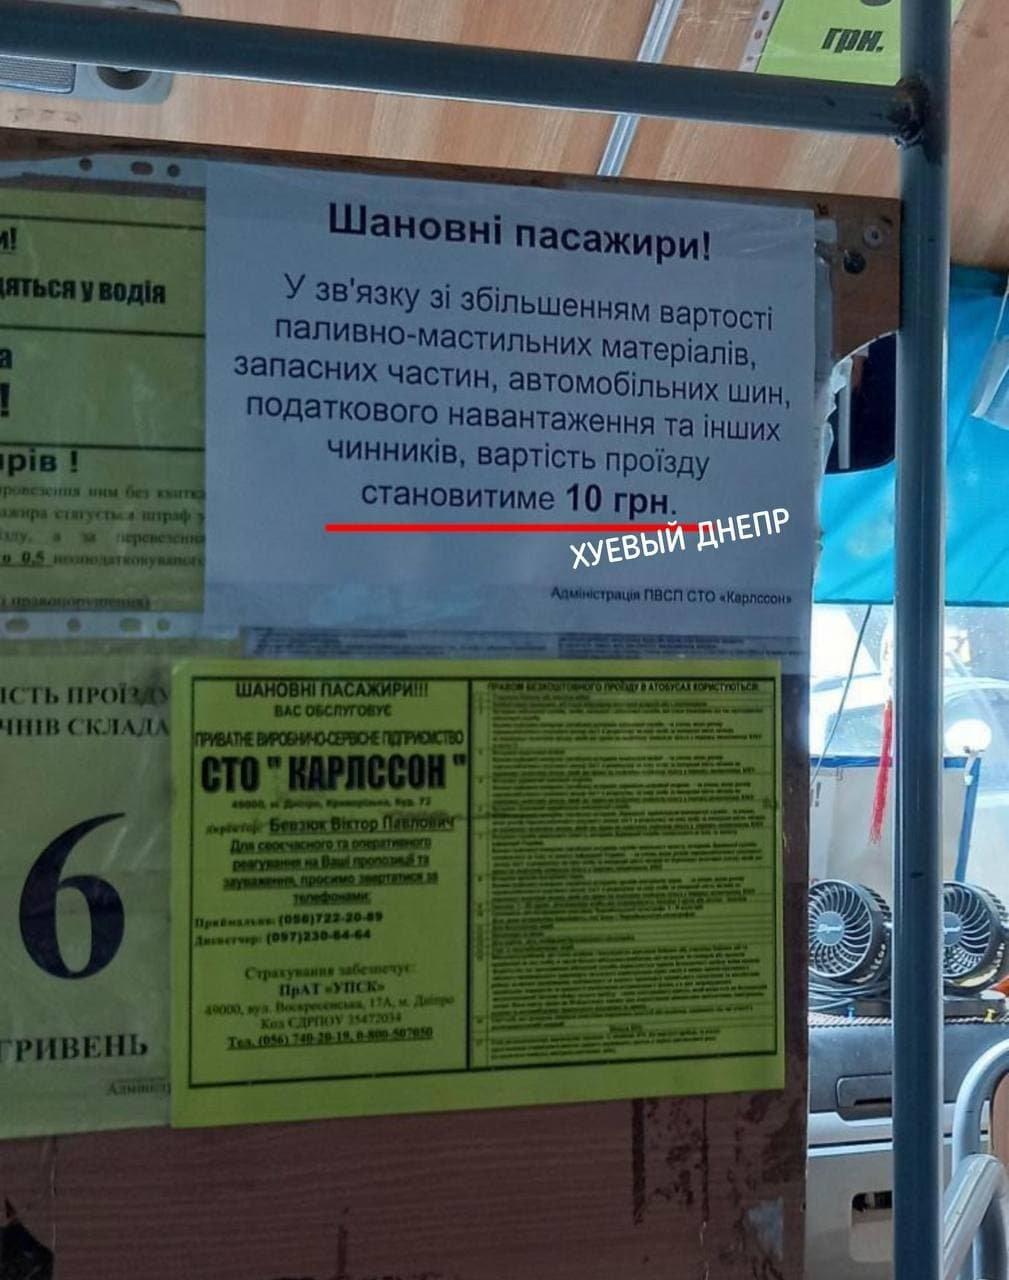 Уже скоро по 10 гривен: в маршрутках Днепра появились объявления о повышении проезда, фото-1